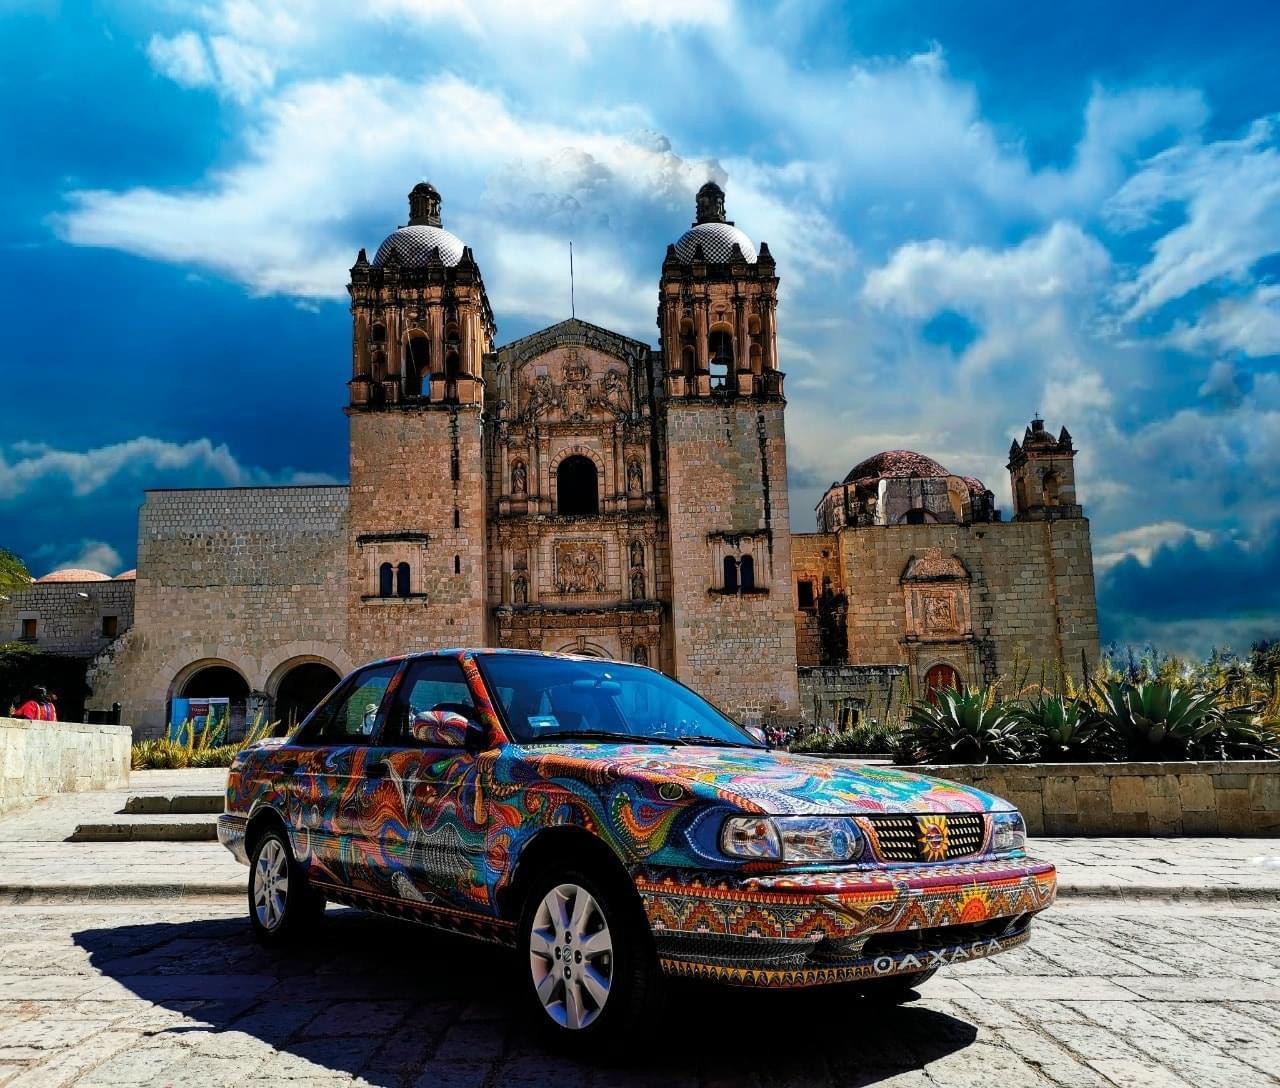 Lanzan homenaje a Oaxaca y a Tsuru con un modelo última edición tuneado de alebrije